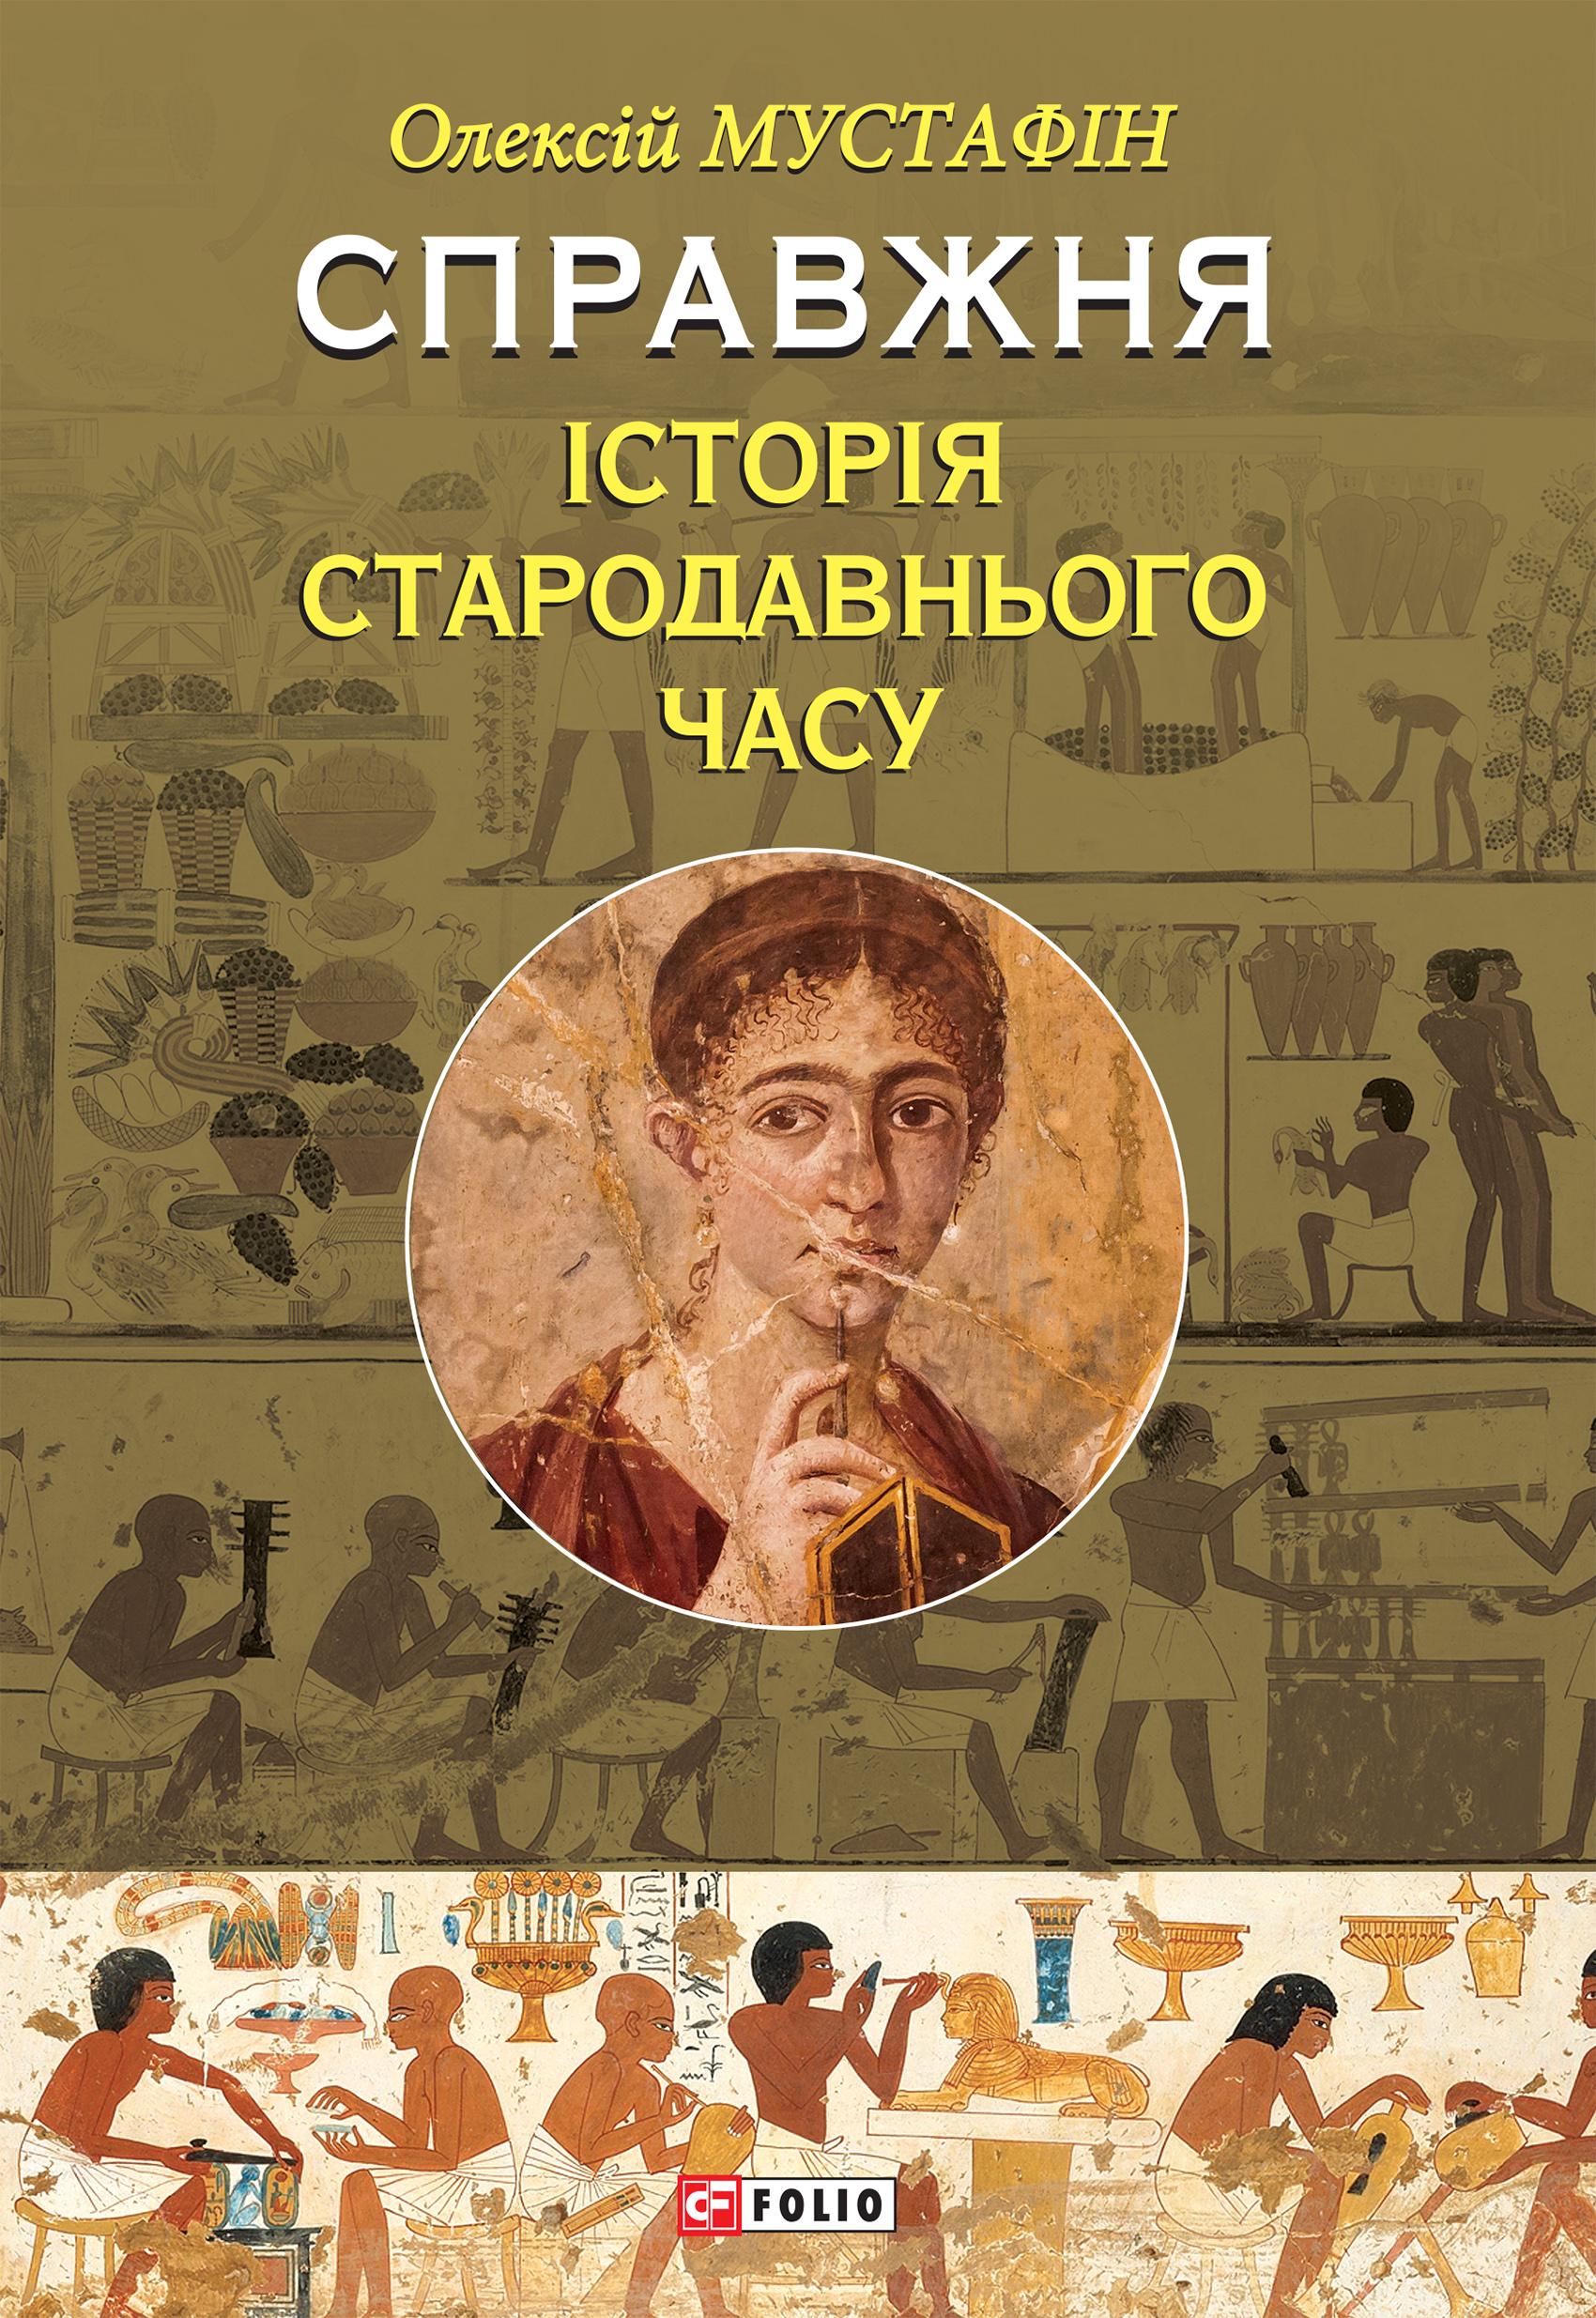 Олексій Мустафін Справжня історія Стародавнього часу